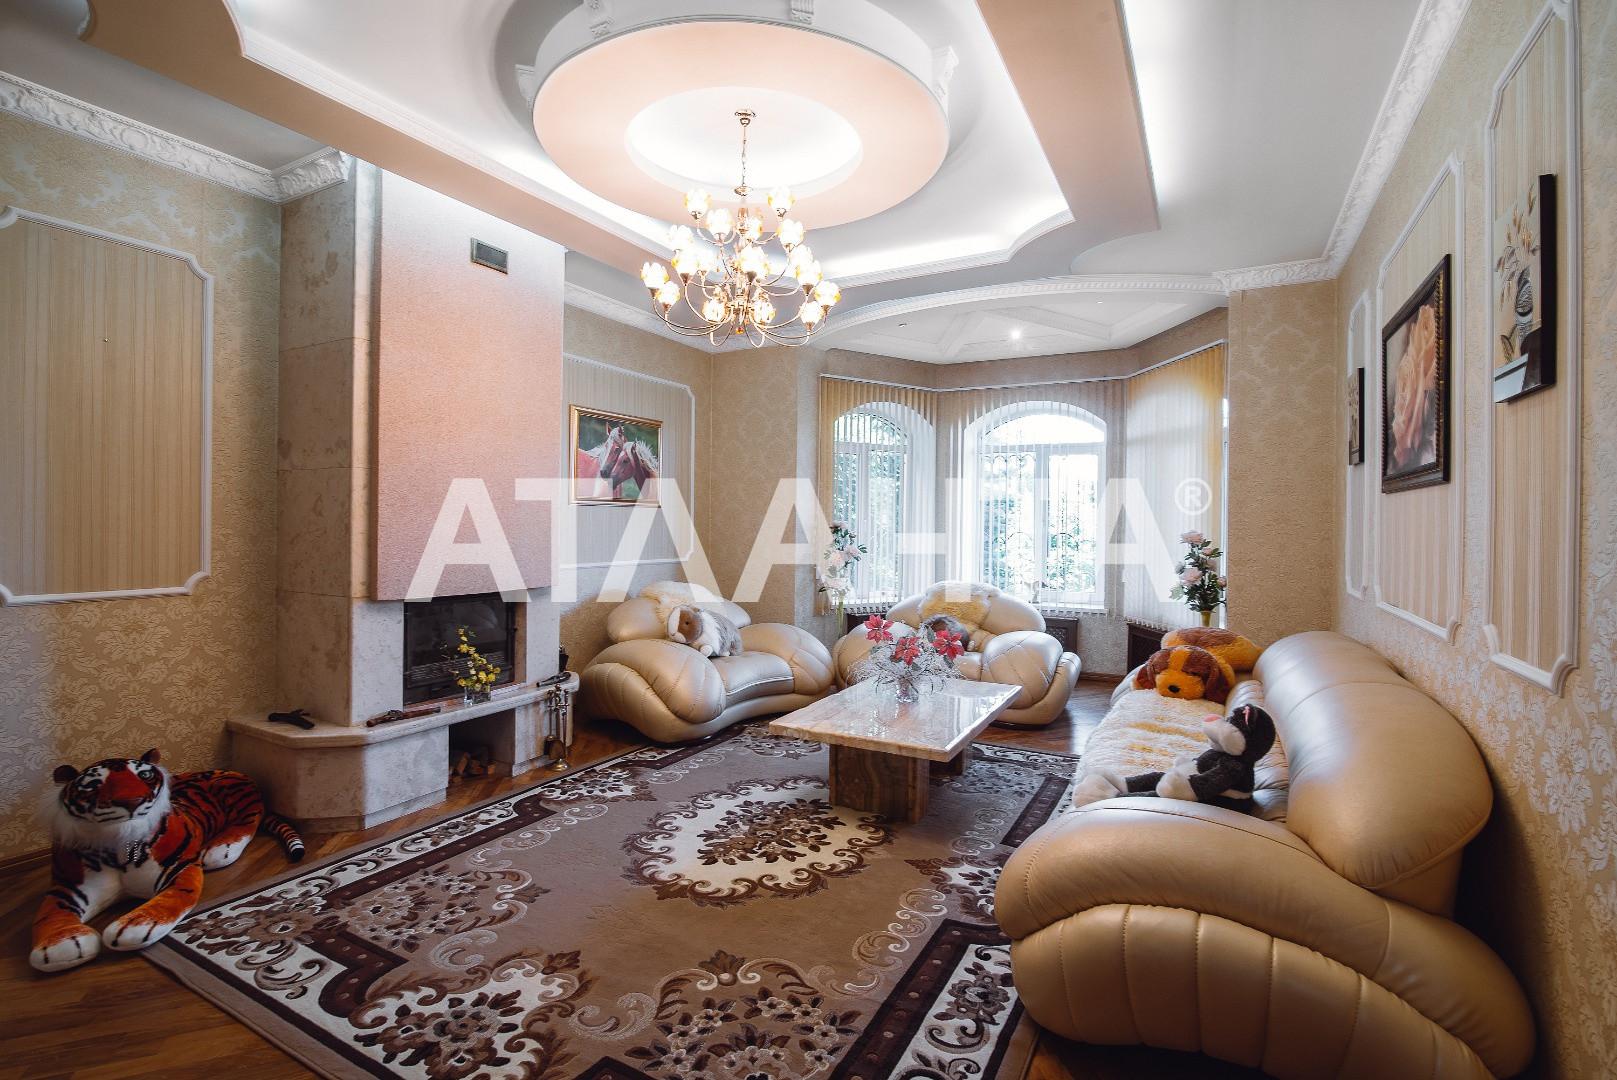 Продается Дом на ул. Аркадиевский Пер. — 1 300 000 у.е. (фото №11)